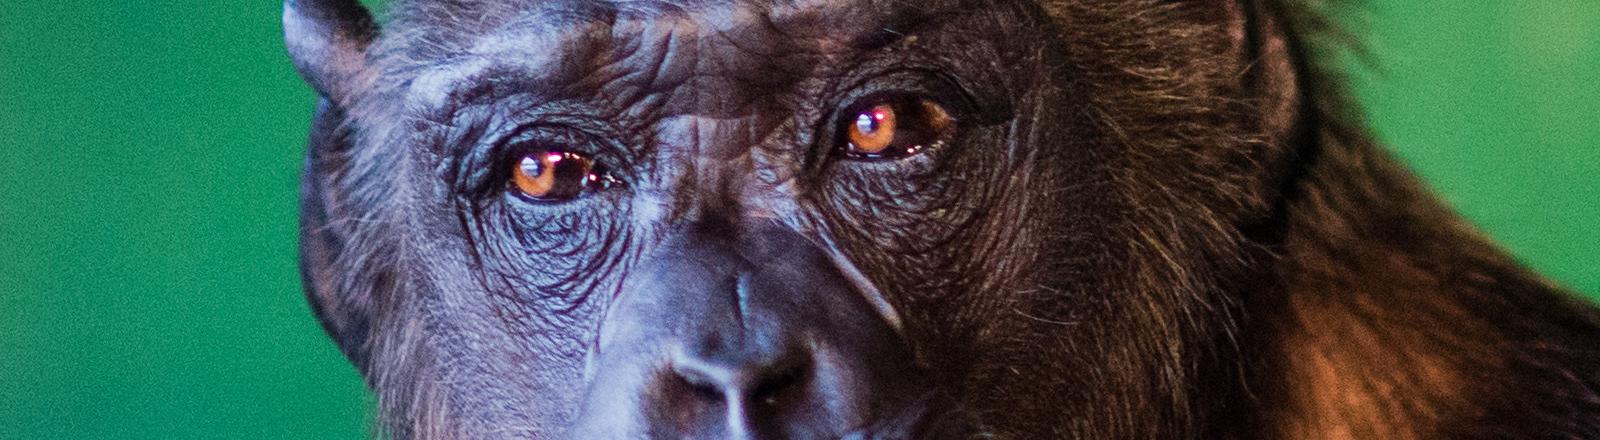 """Schimpanse Robby verweilt am 03.12.2015 in seinem Gehege am Zirkus «Belly» in Celle (Niedersachsen). Das Verwaltungsgericht in Lüneburg entscheidet über Robbys Zukunft, nachdem die Veterinärbehörden die Genehmigung zur Zirkushaltung nicht mehr verlängert hatten. Foto: Julian Stratenschulte/dpa (zu dpa """"Verwaltungsgericht entscheidet über Zirkusaffen"""" vom 04.11.2015"""